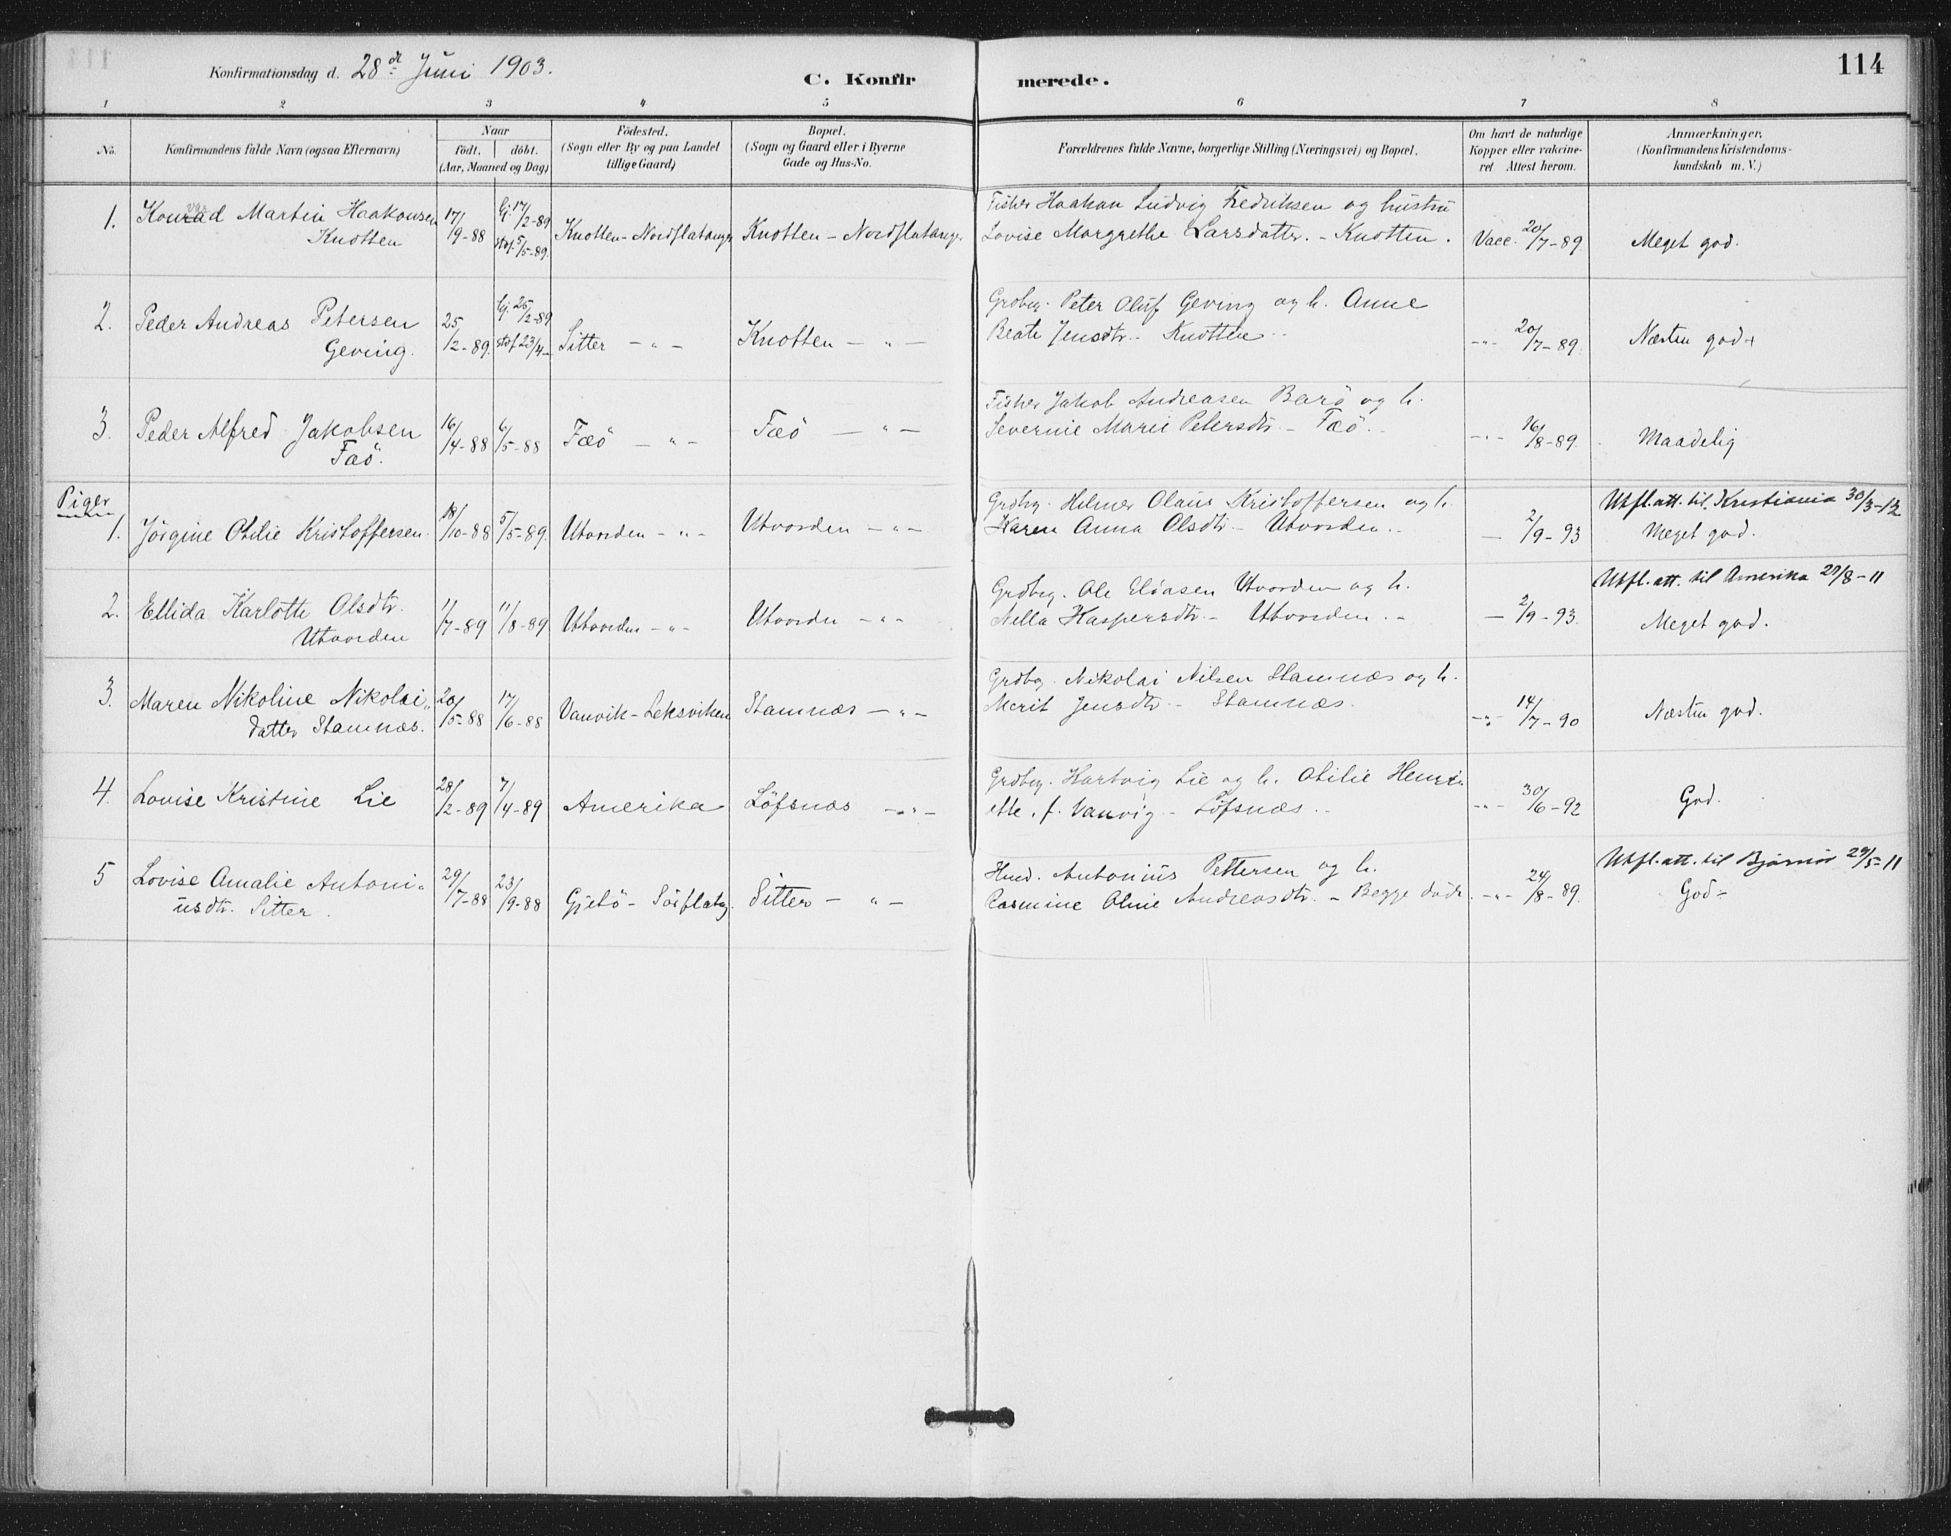 SAT, Ministerialprotokoller, klokkerbøker og fødselsregistre - Nord-Trøndelag, 772/L0603: Ministerialbok nr. 772A01, 1885-1912, s. 114